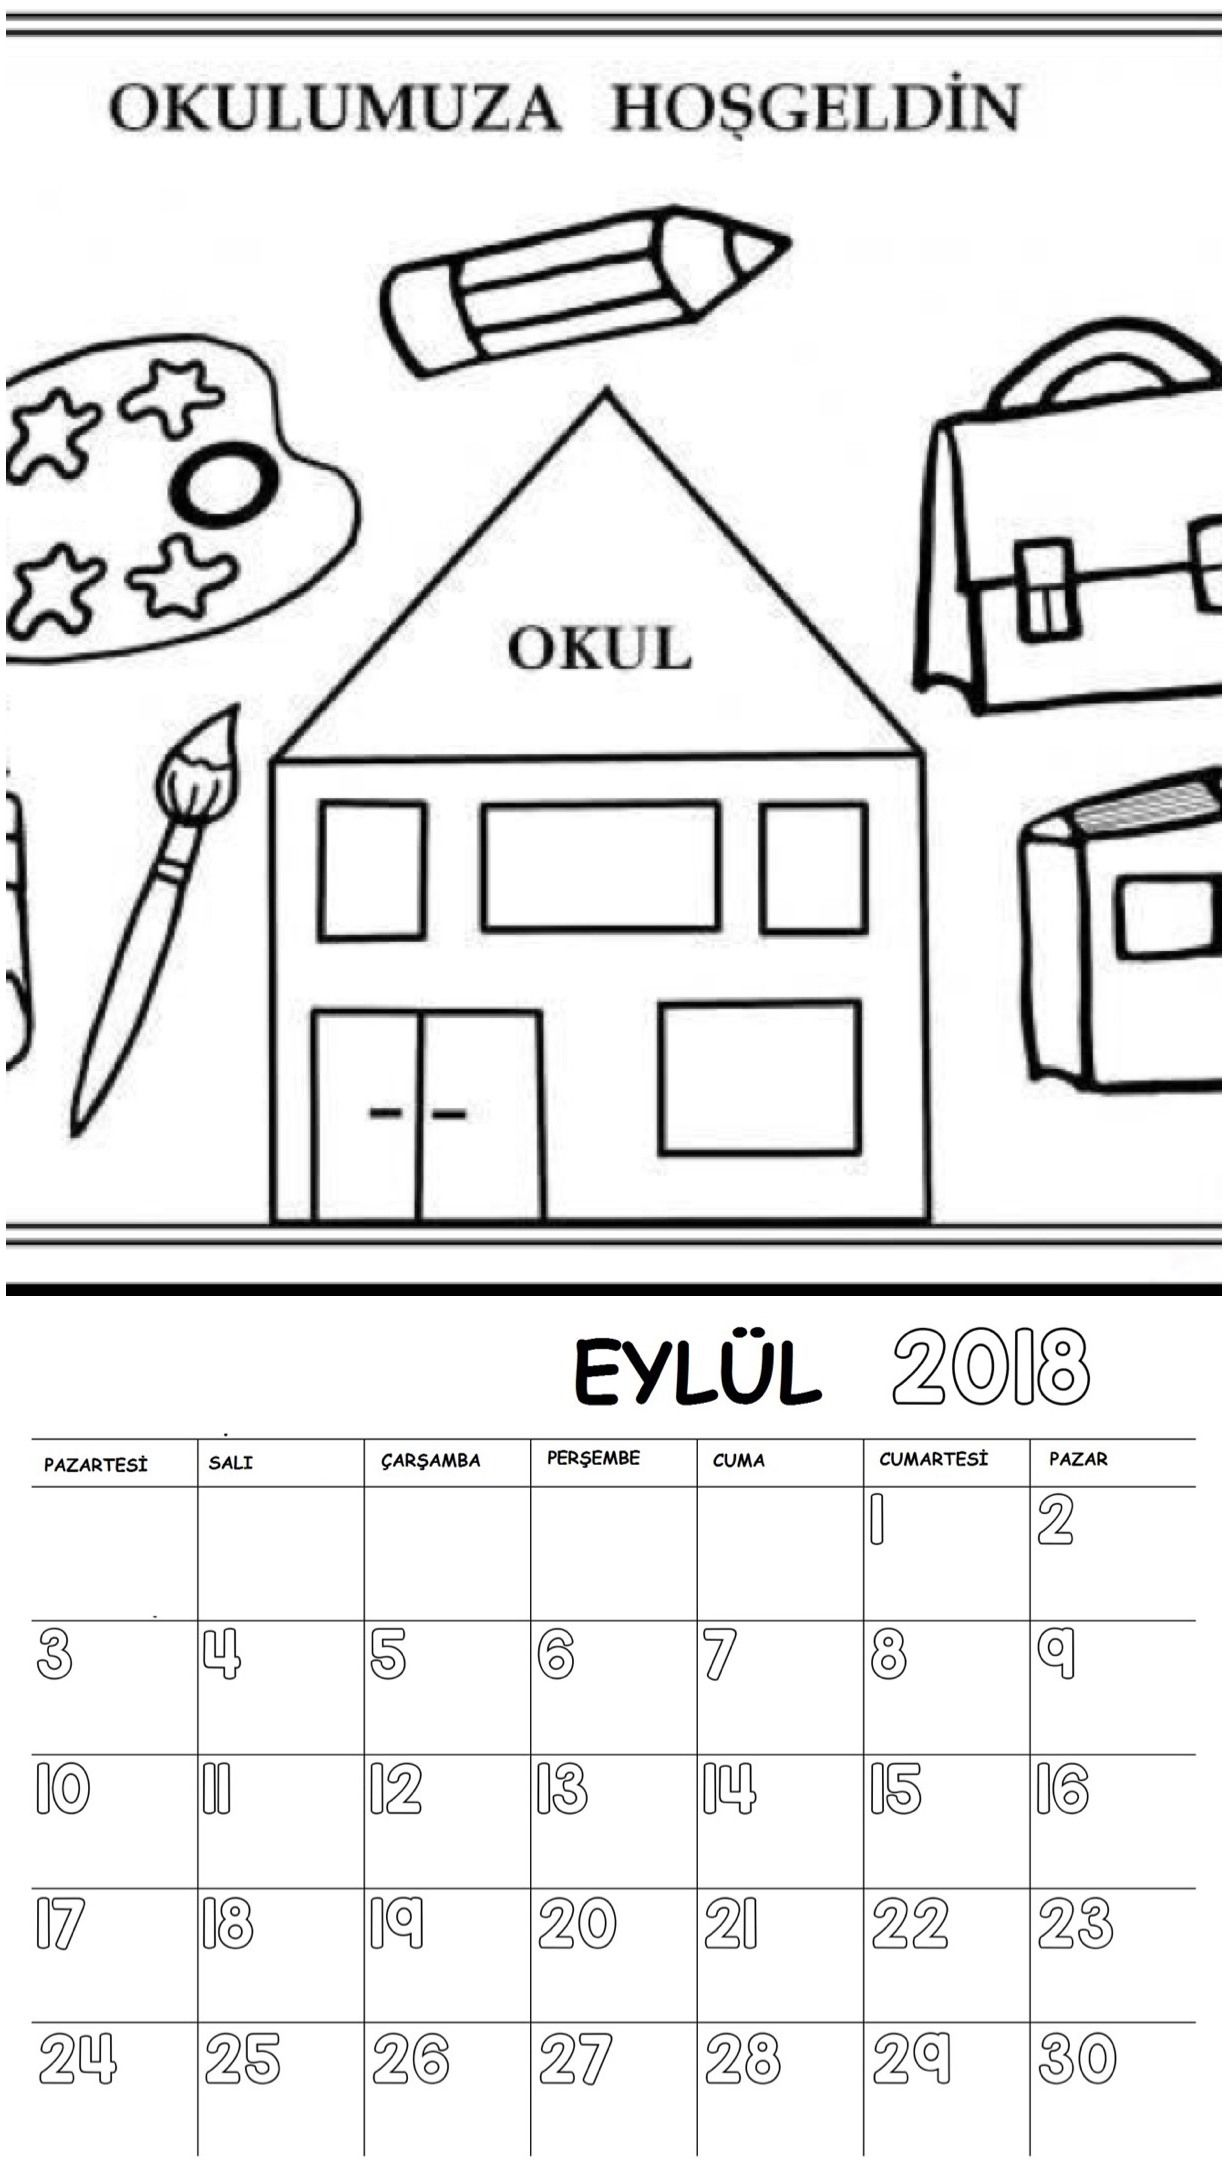 Okul öncesi 2018 Boyama Sayfalı Takvimi Okul öncesi Etkinlik